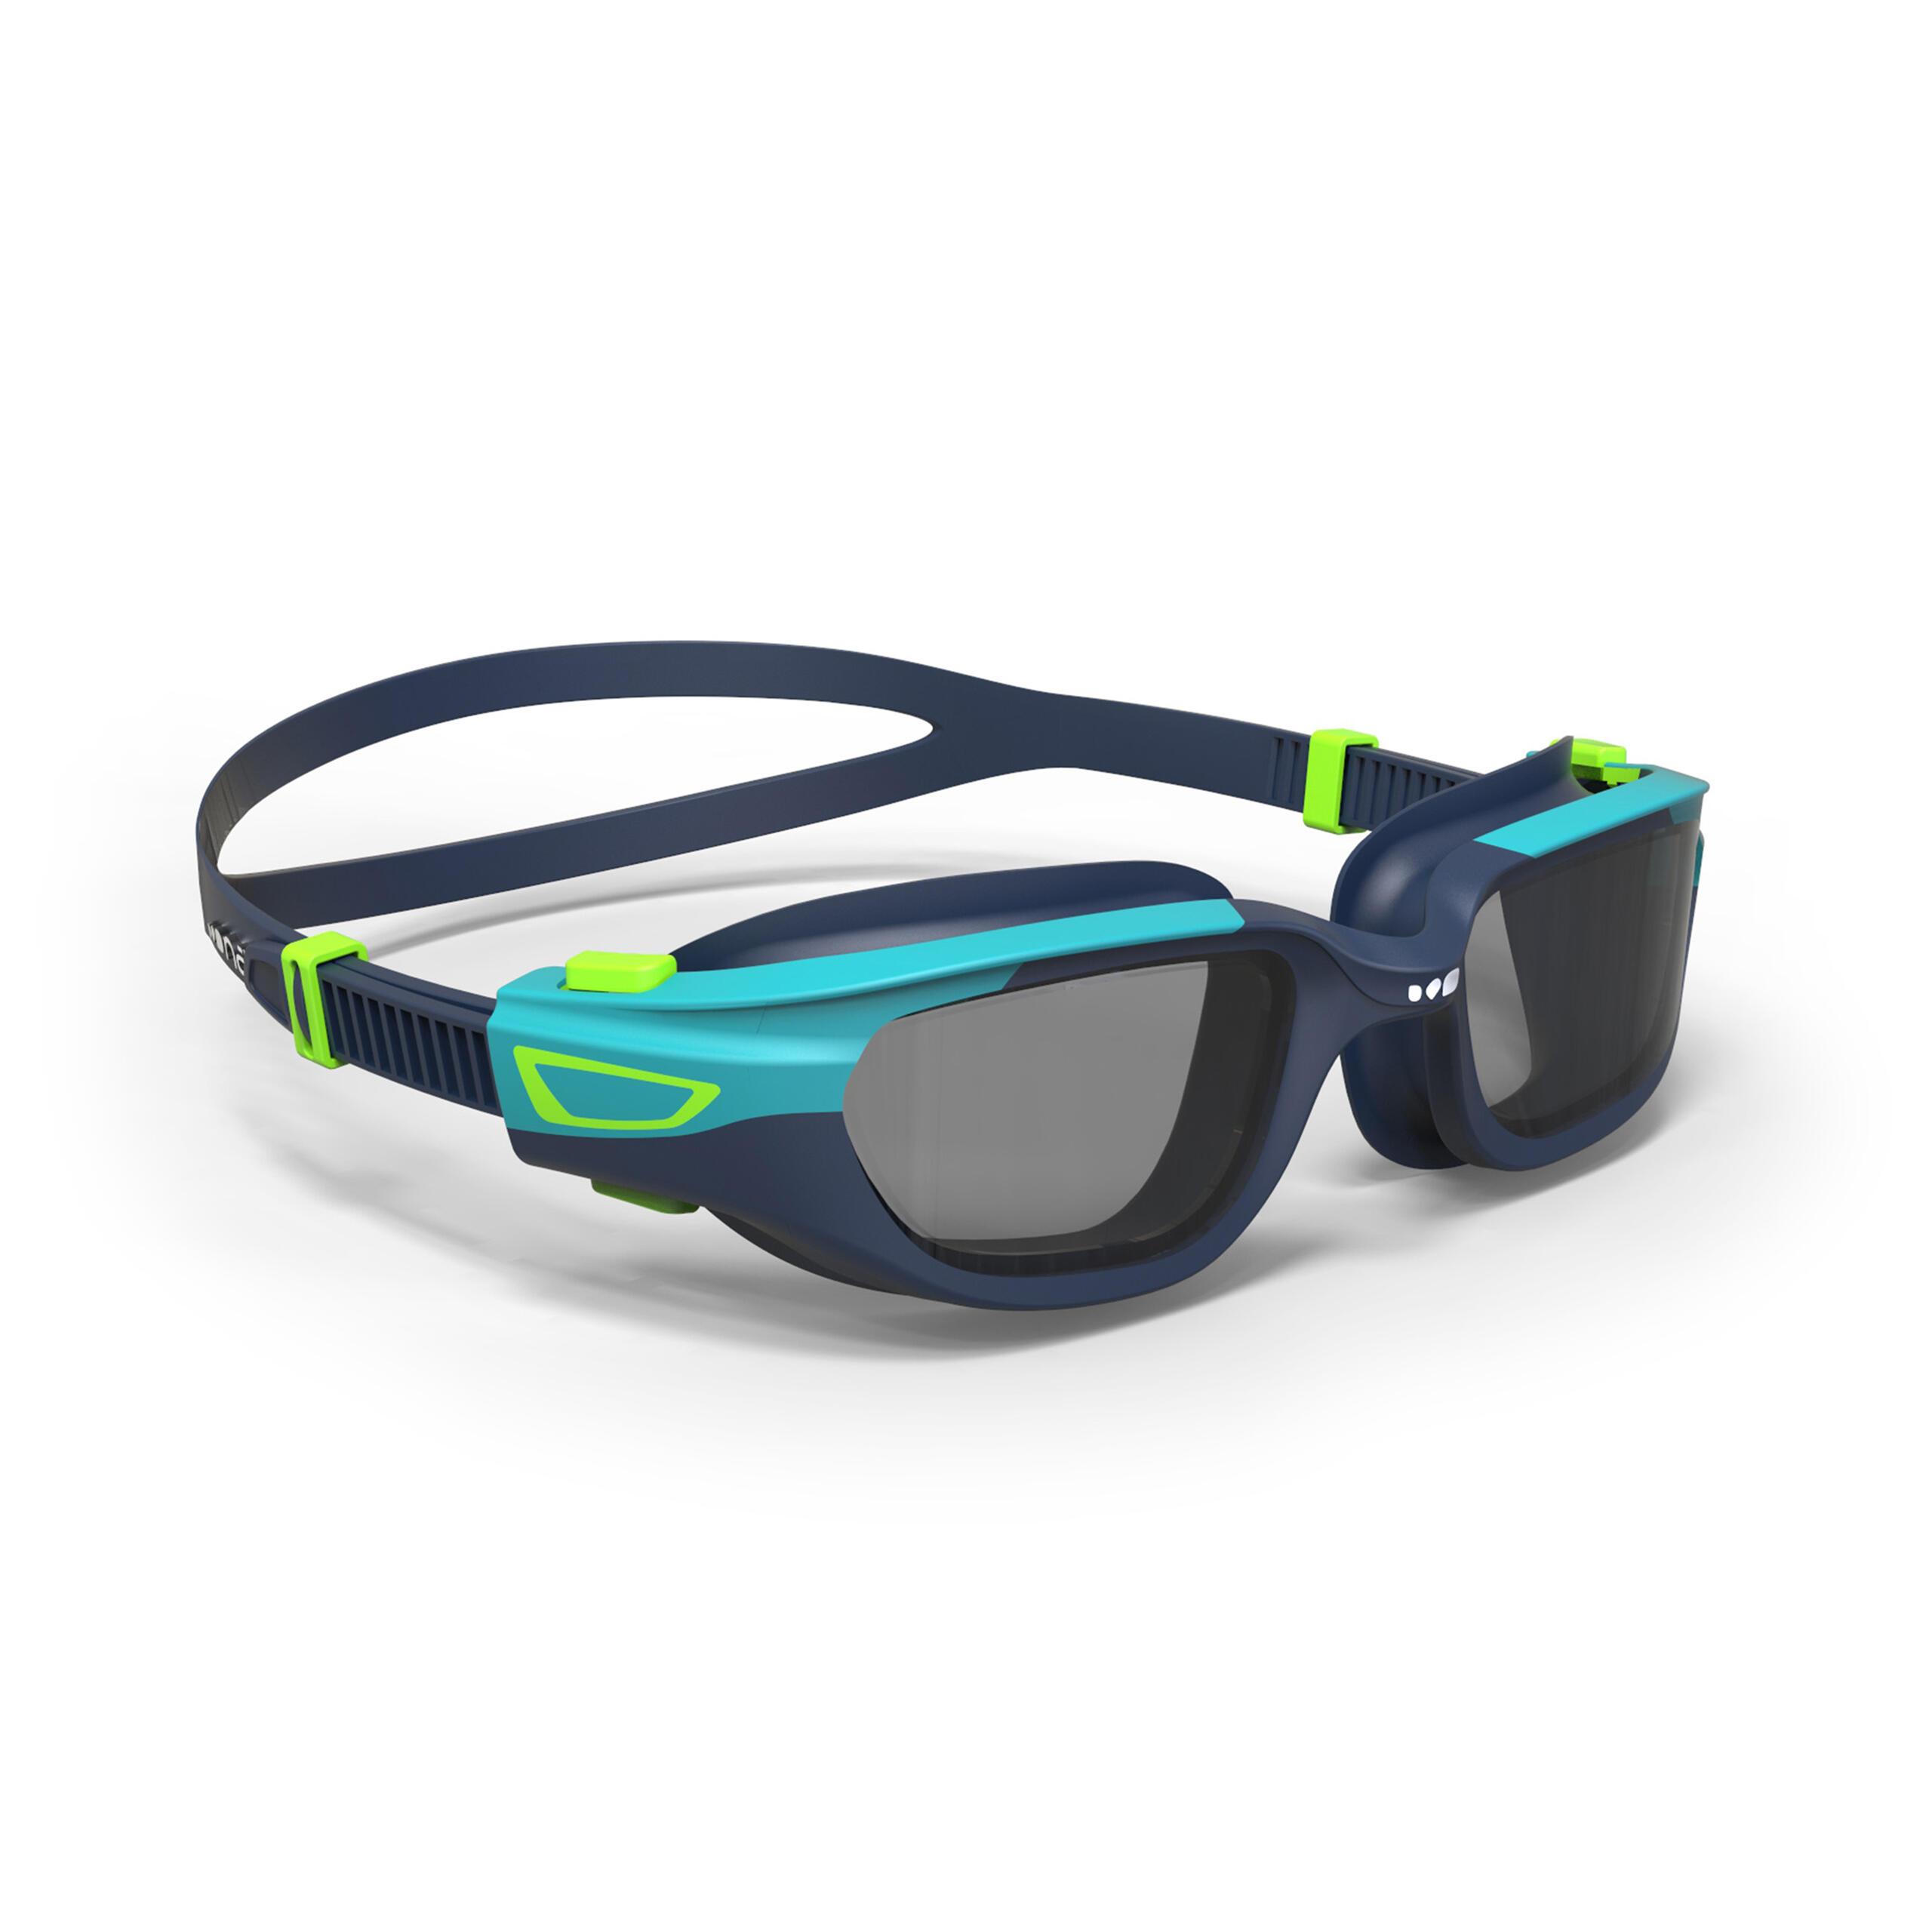 Lunettes de natation 500 SPIRIT Taille S